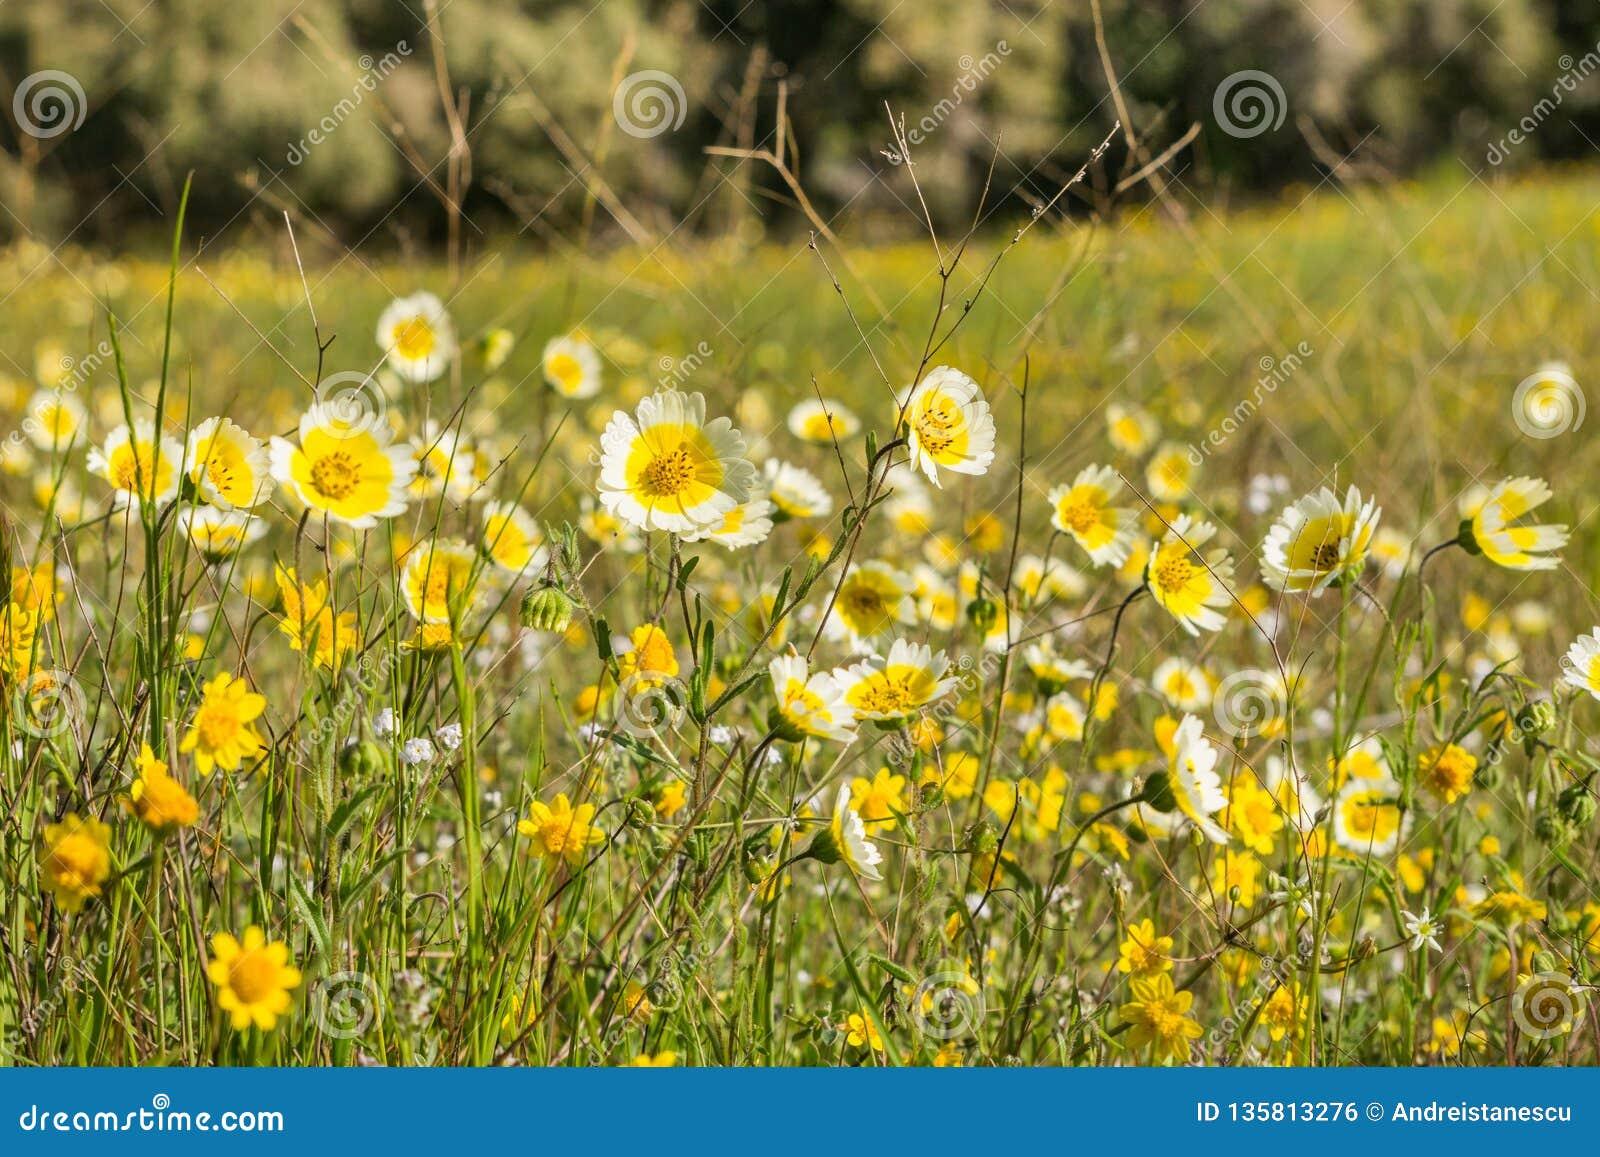 Wildflowers van Layiaplatyglossa riepen algemeen kusttidytips op gebied, Californië